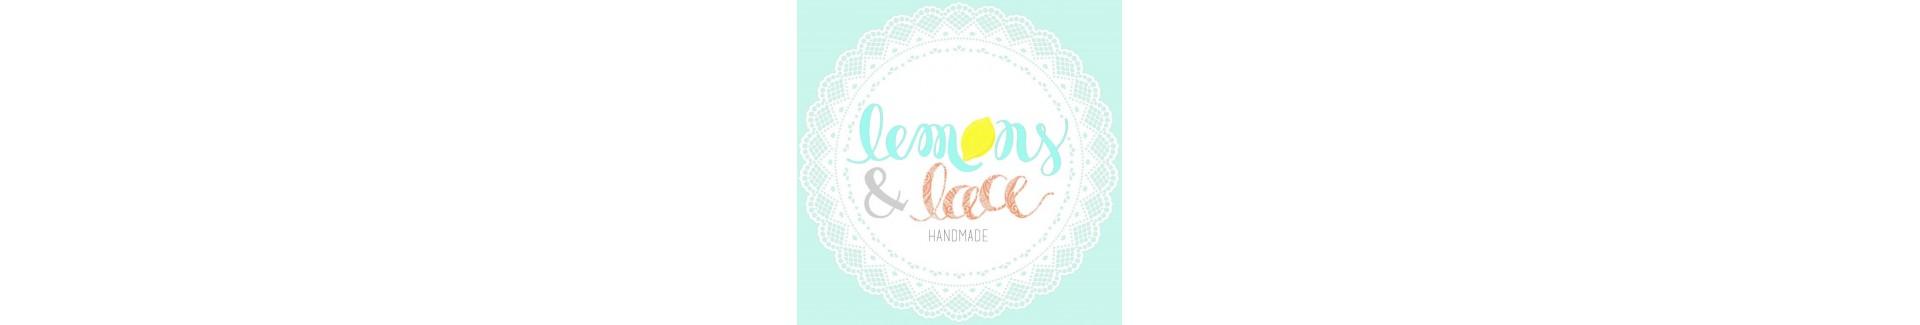 Lemons & Lace